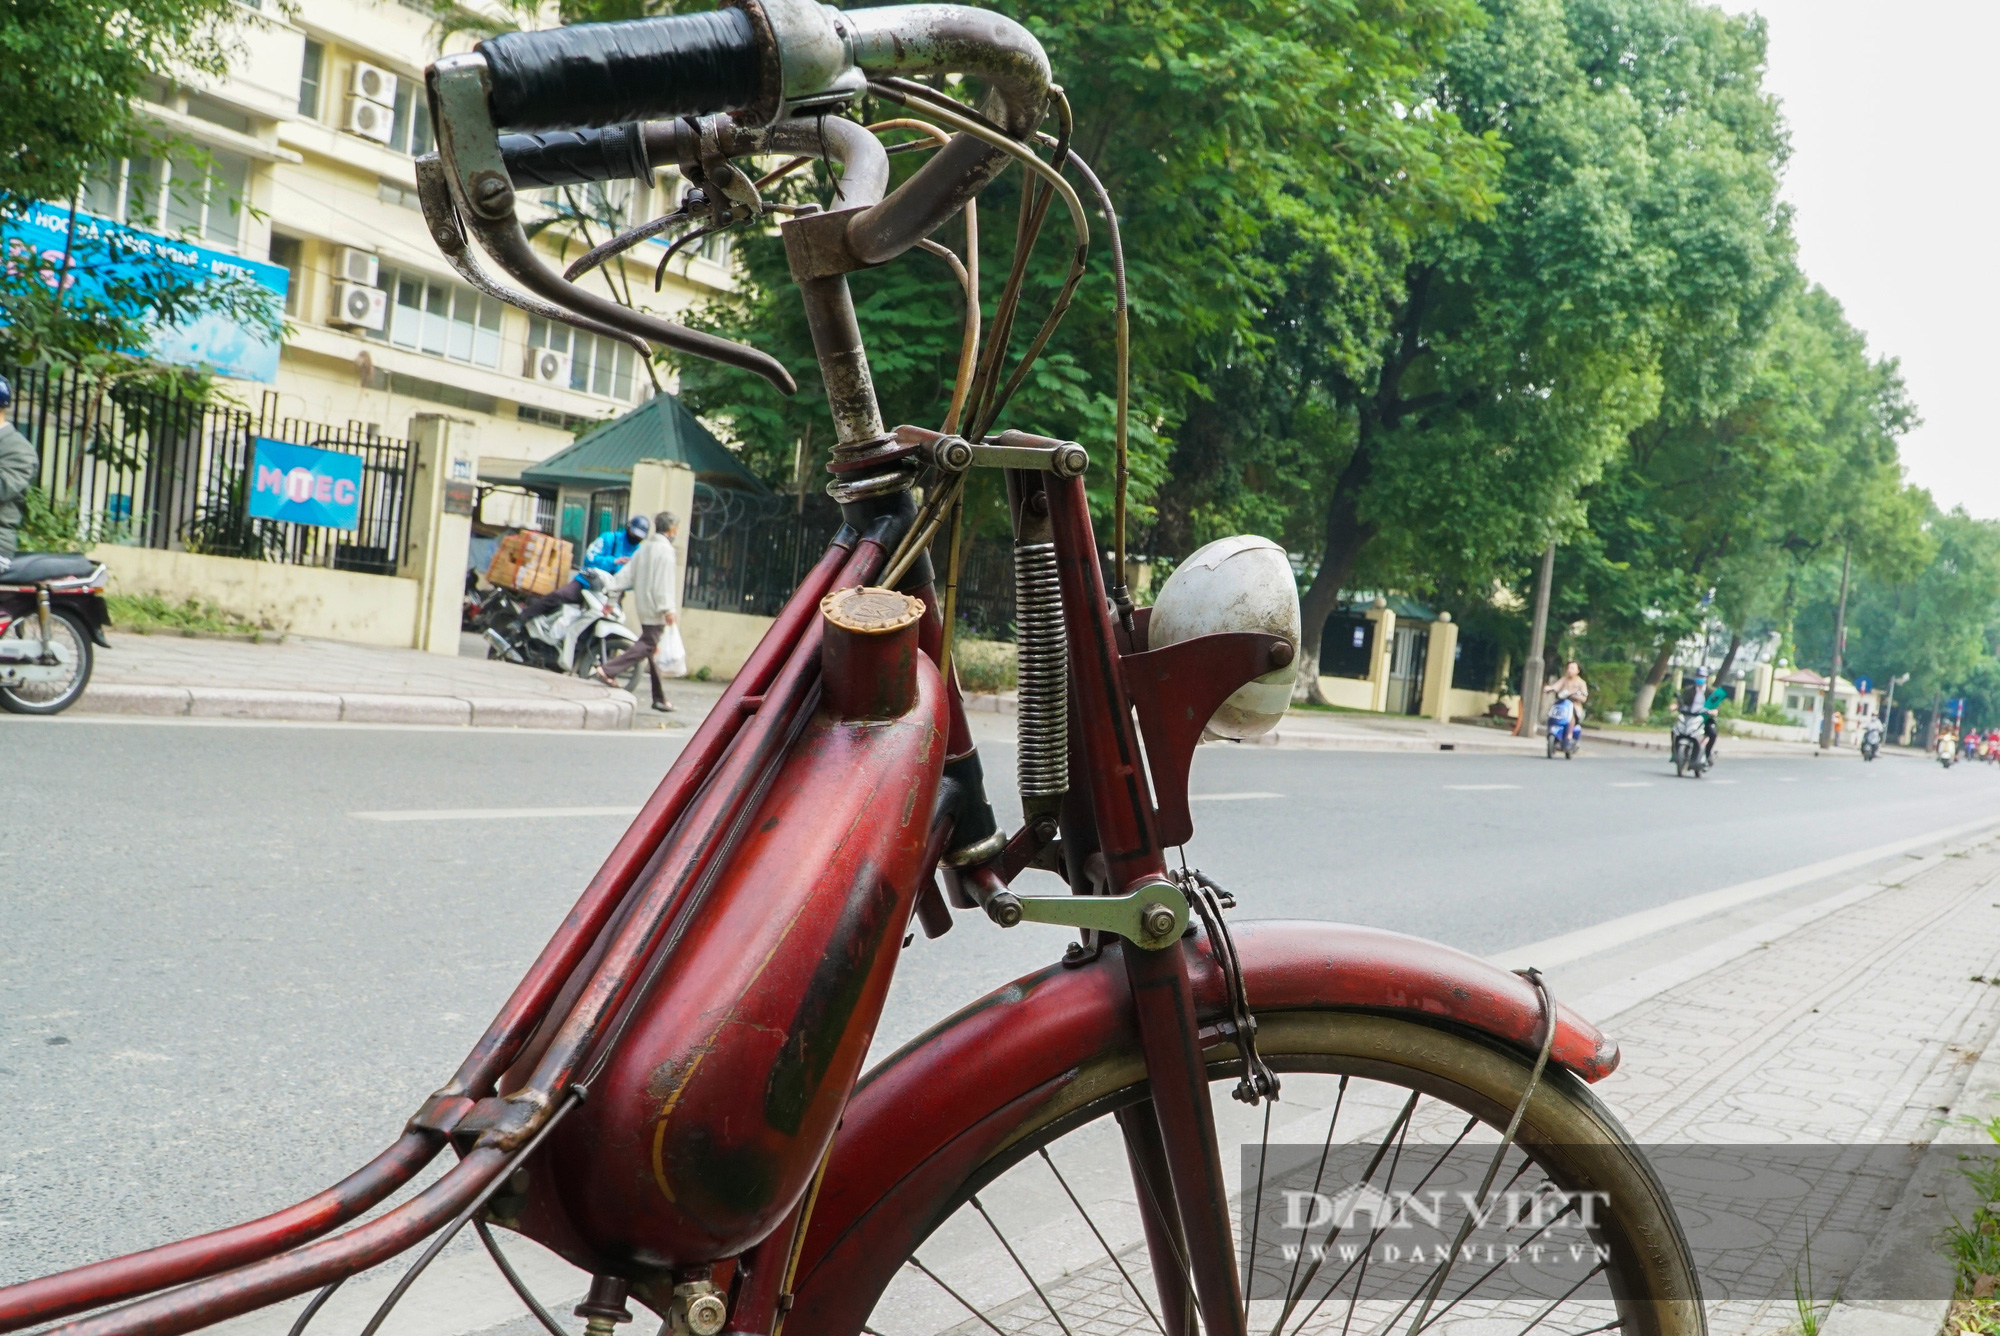 Xe máy Georges Catte gần 70 tuổi vẫn chạy bon bon trên đường - Ảnh 7.